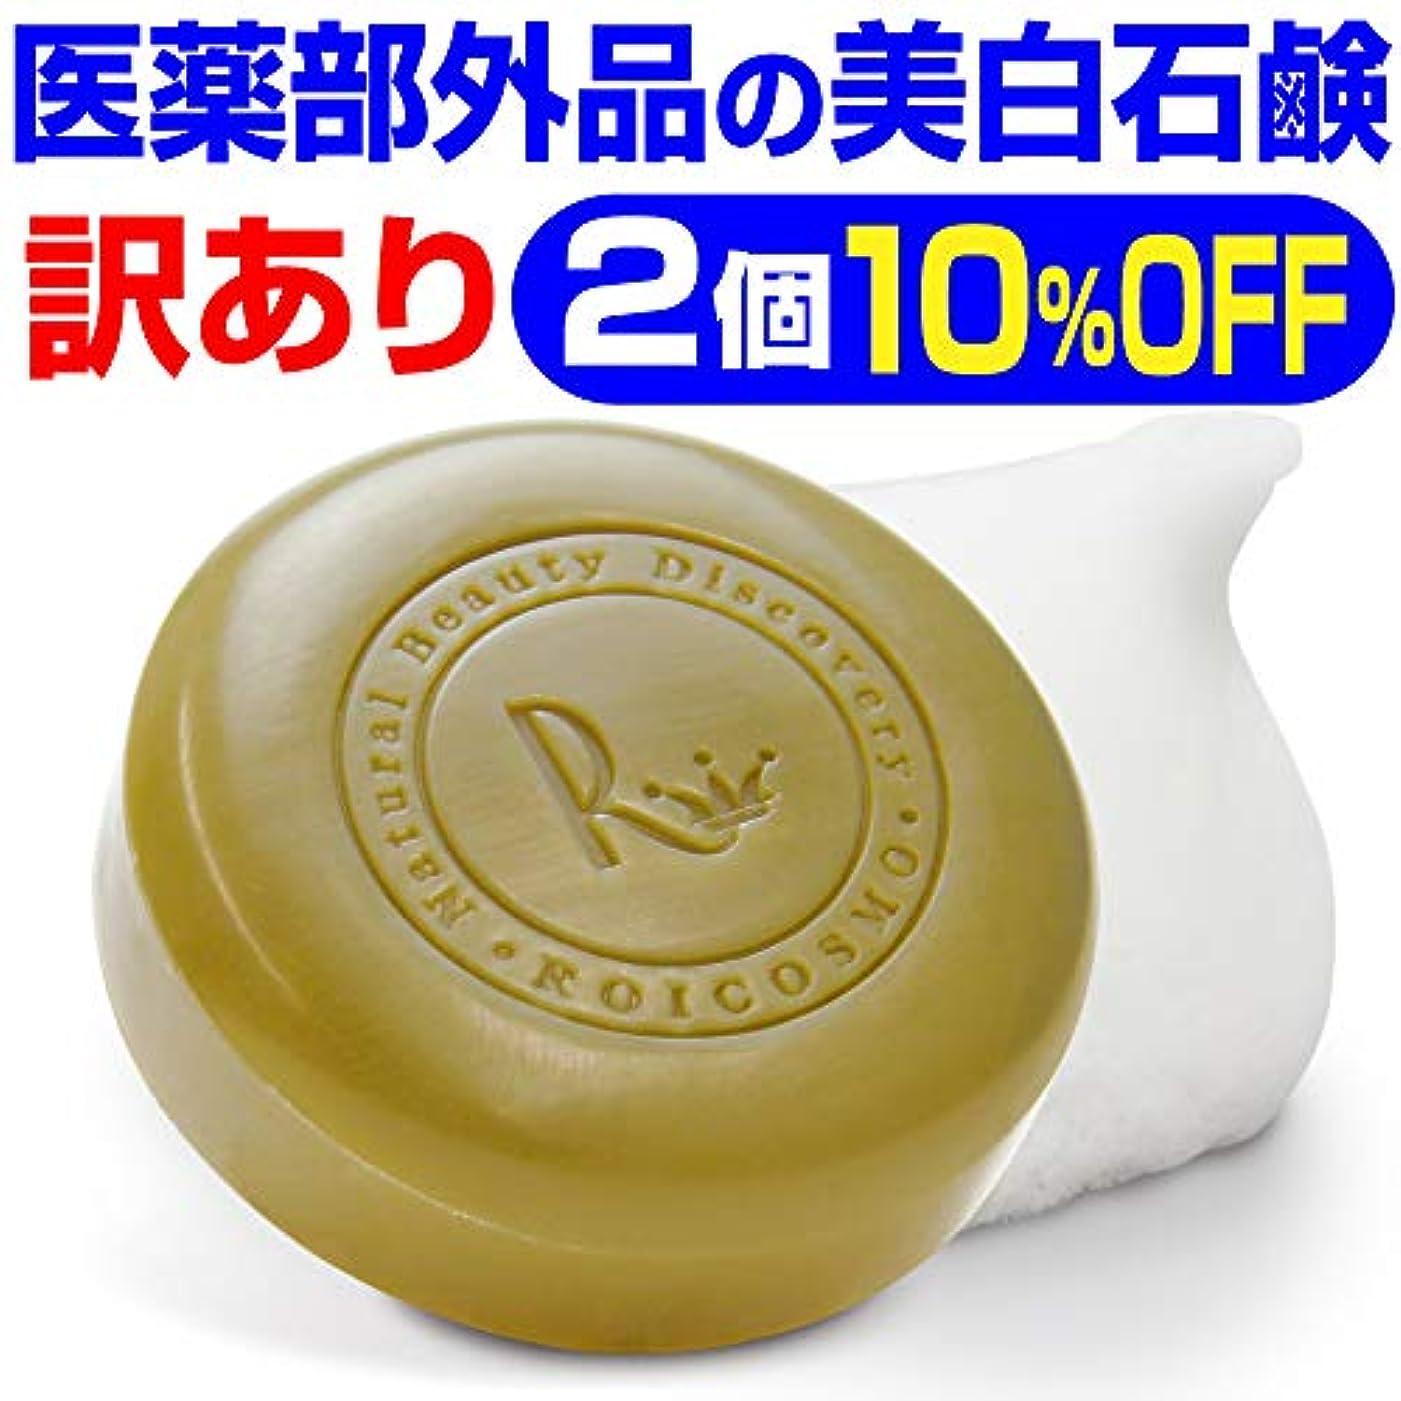 校長にもかかわらず成長する訳あり10%OFF(1個2,143円)売切れ御免 ビタミンC270倍の美白成分の 洗顔石鹸『ホワイトソープ100g×2個』